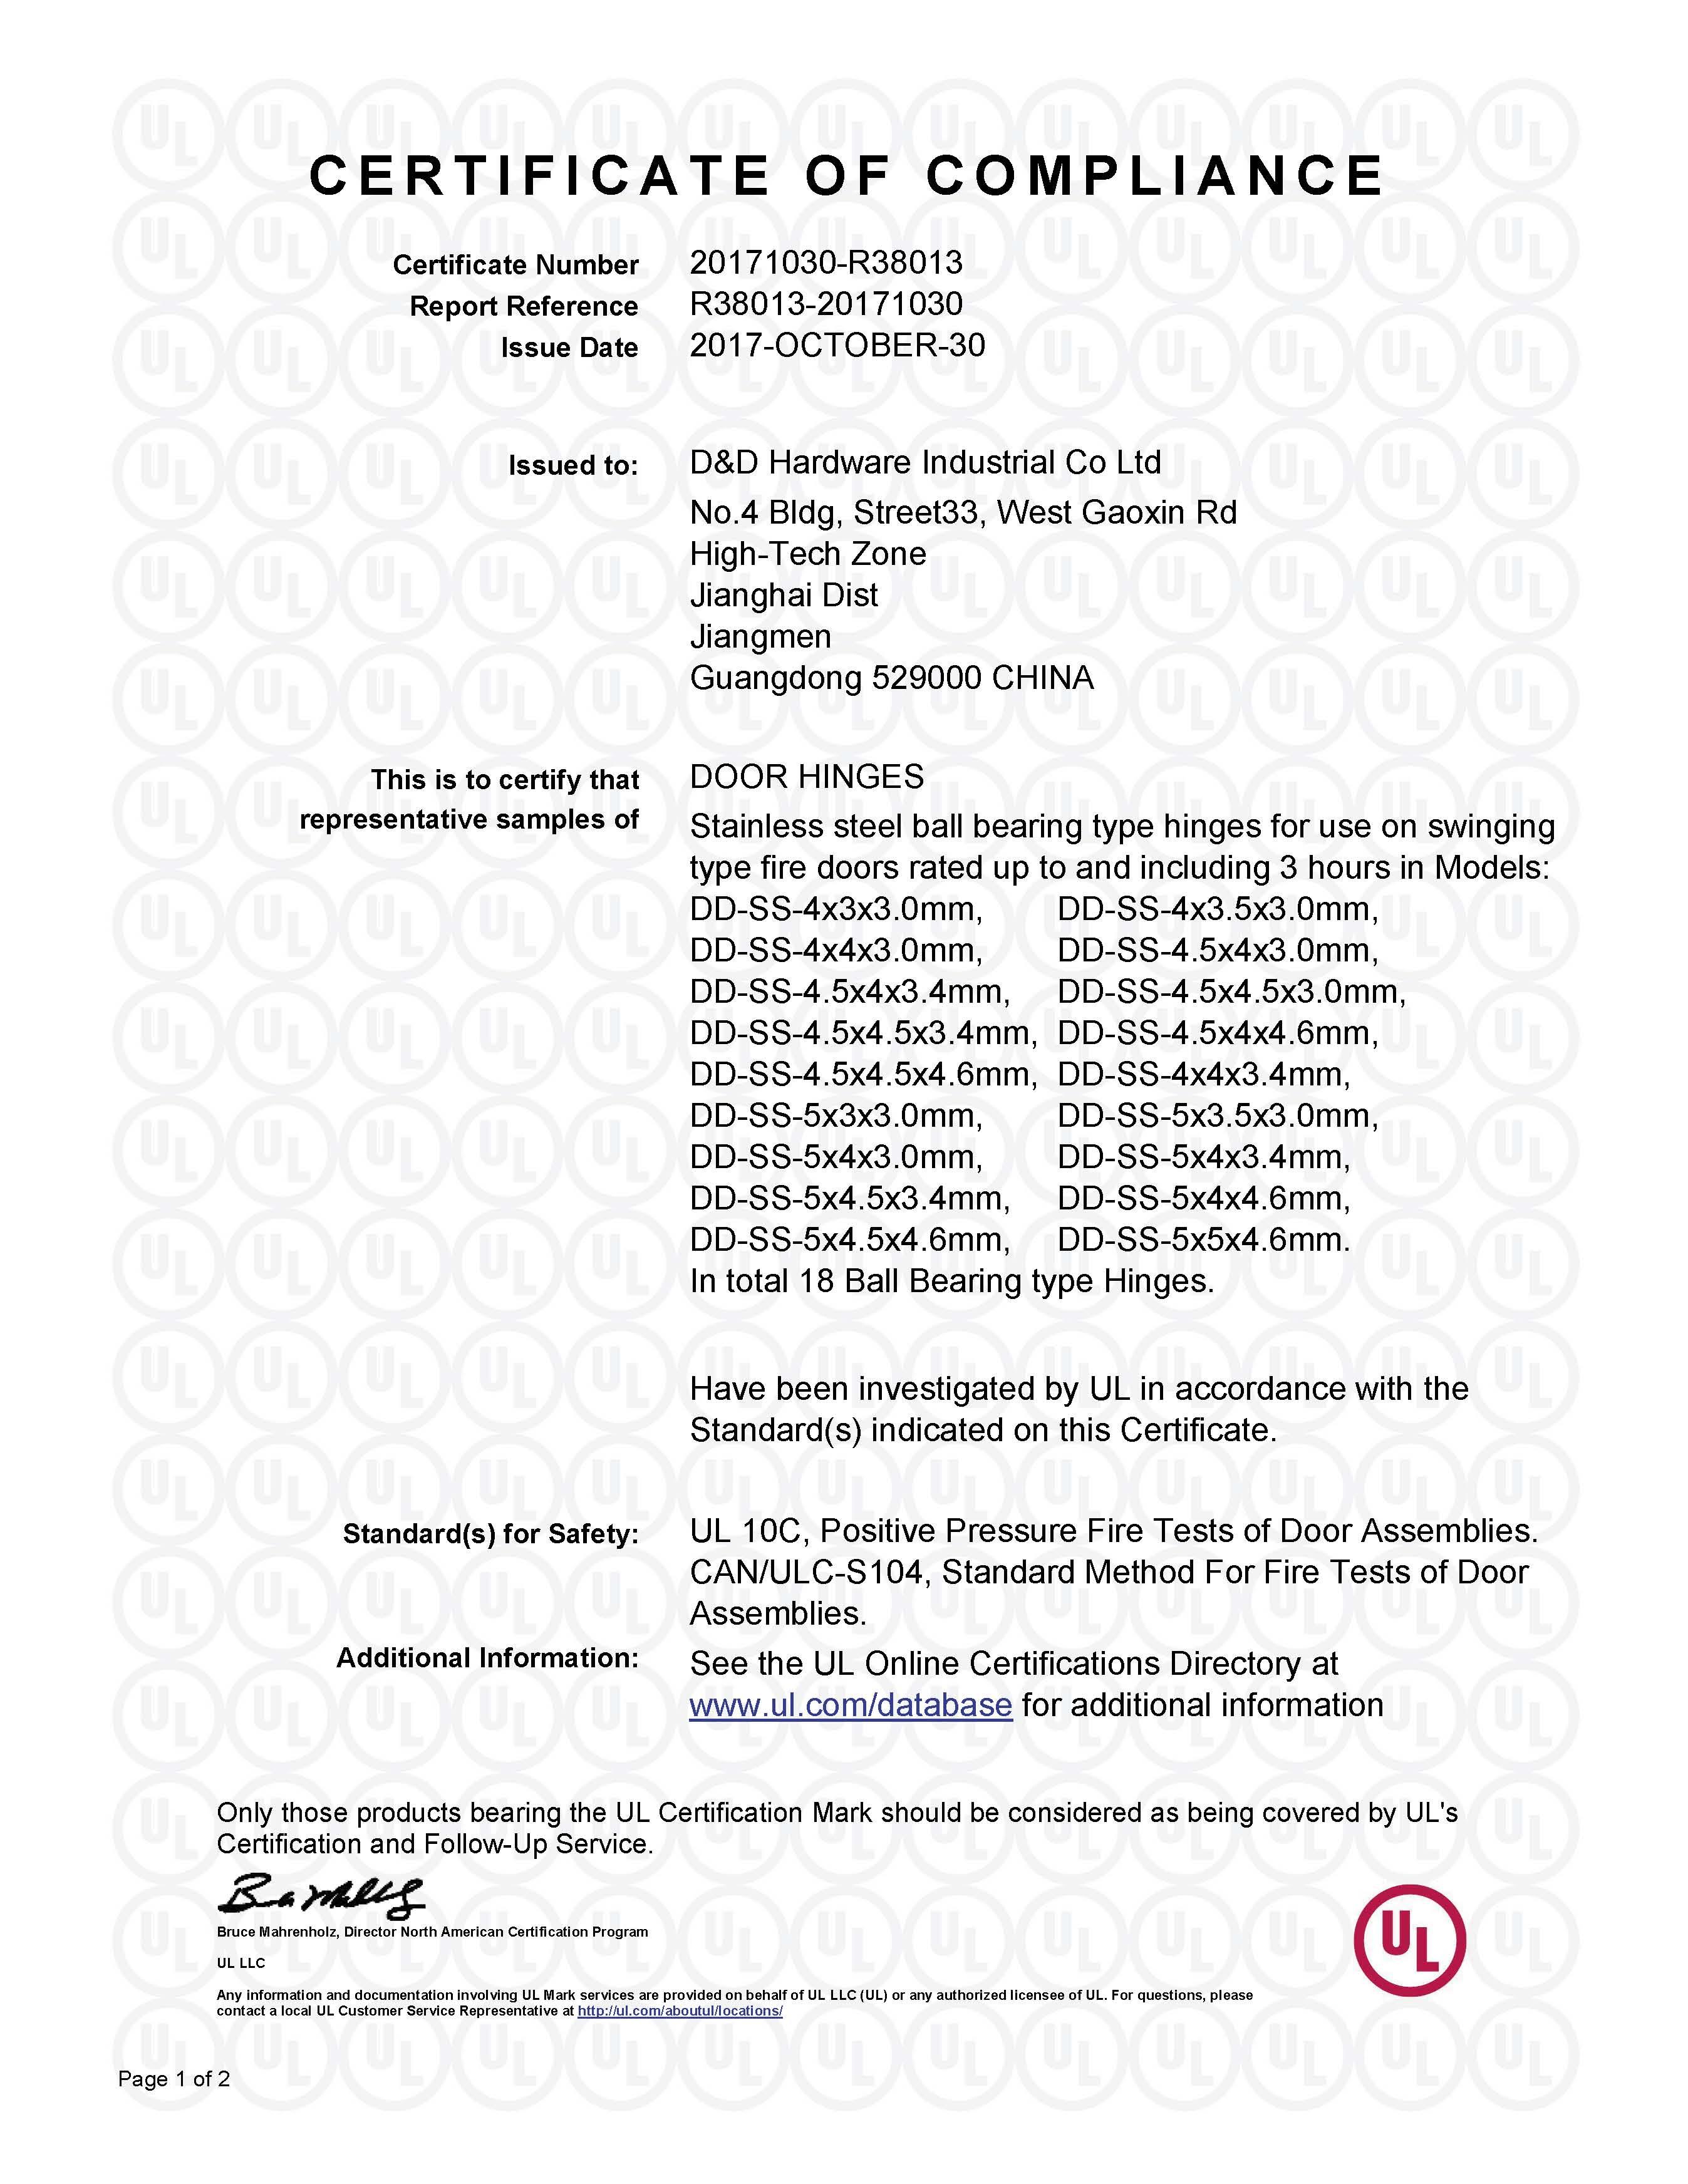 D&D HARDWARE- ANSI Certificate of GRADE 2 DOOR HINGE